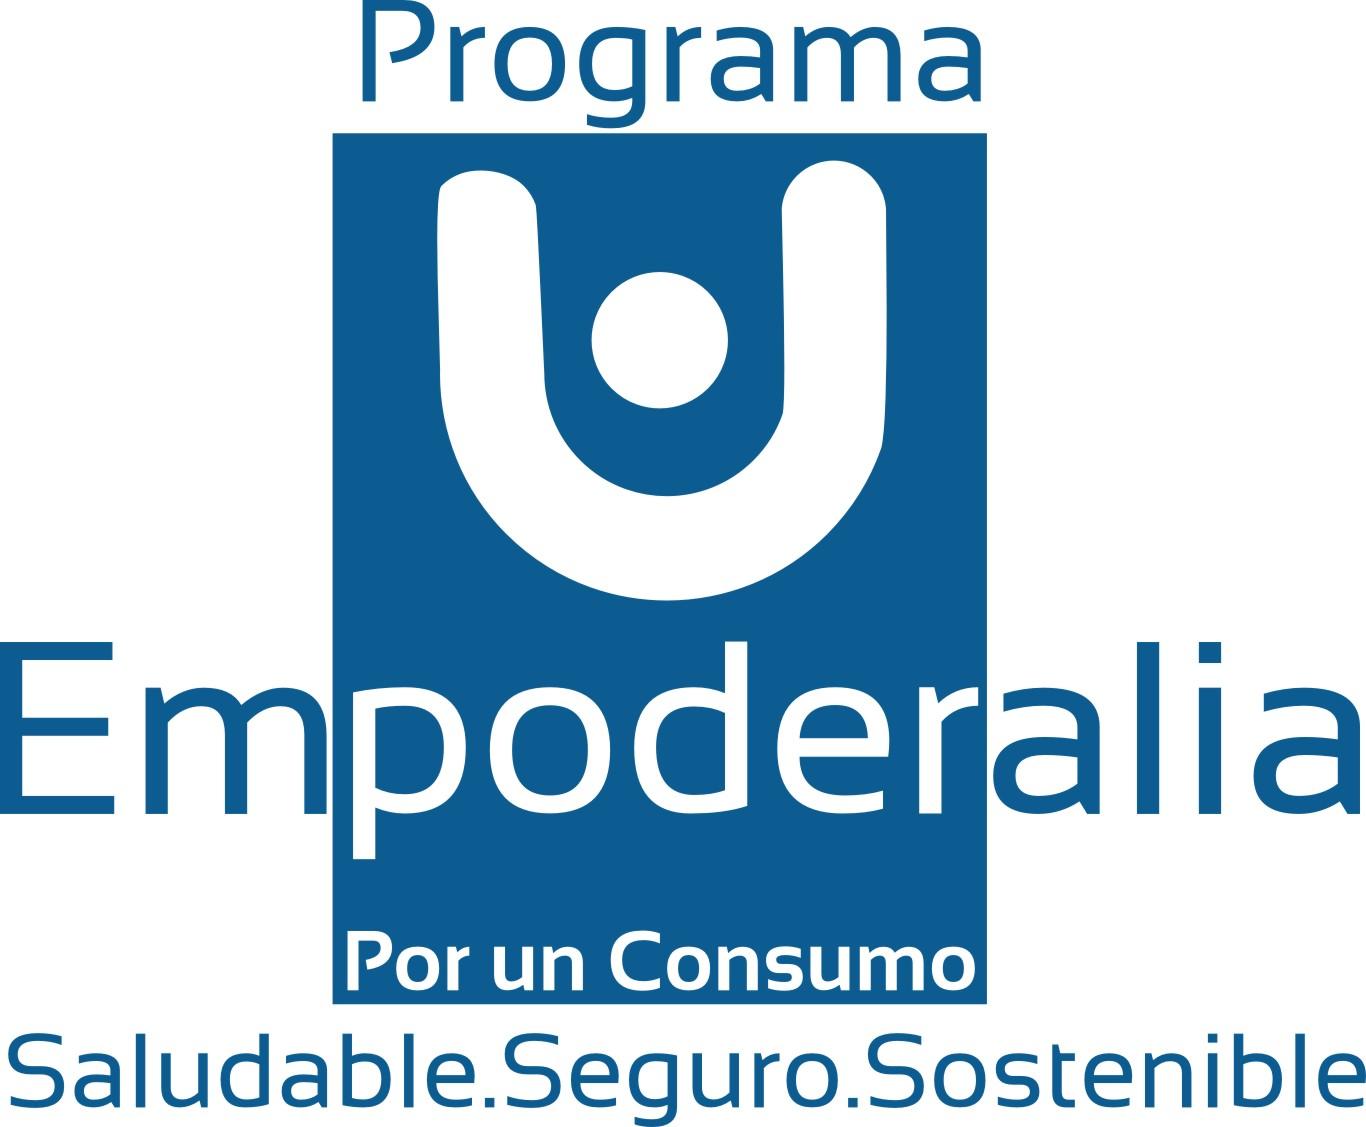 Logo Empoderalia